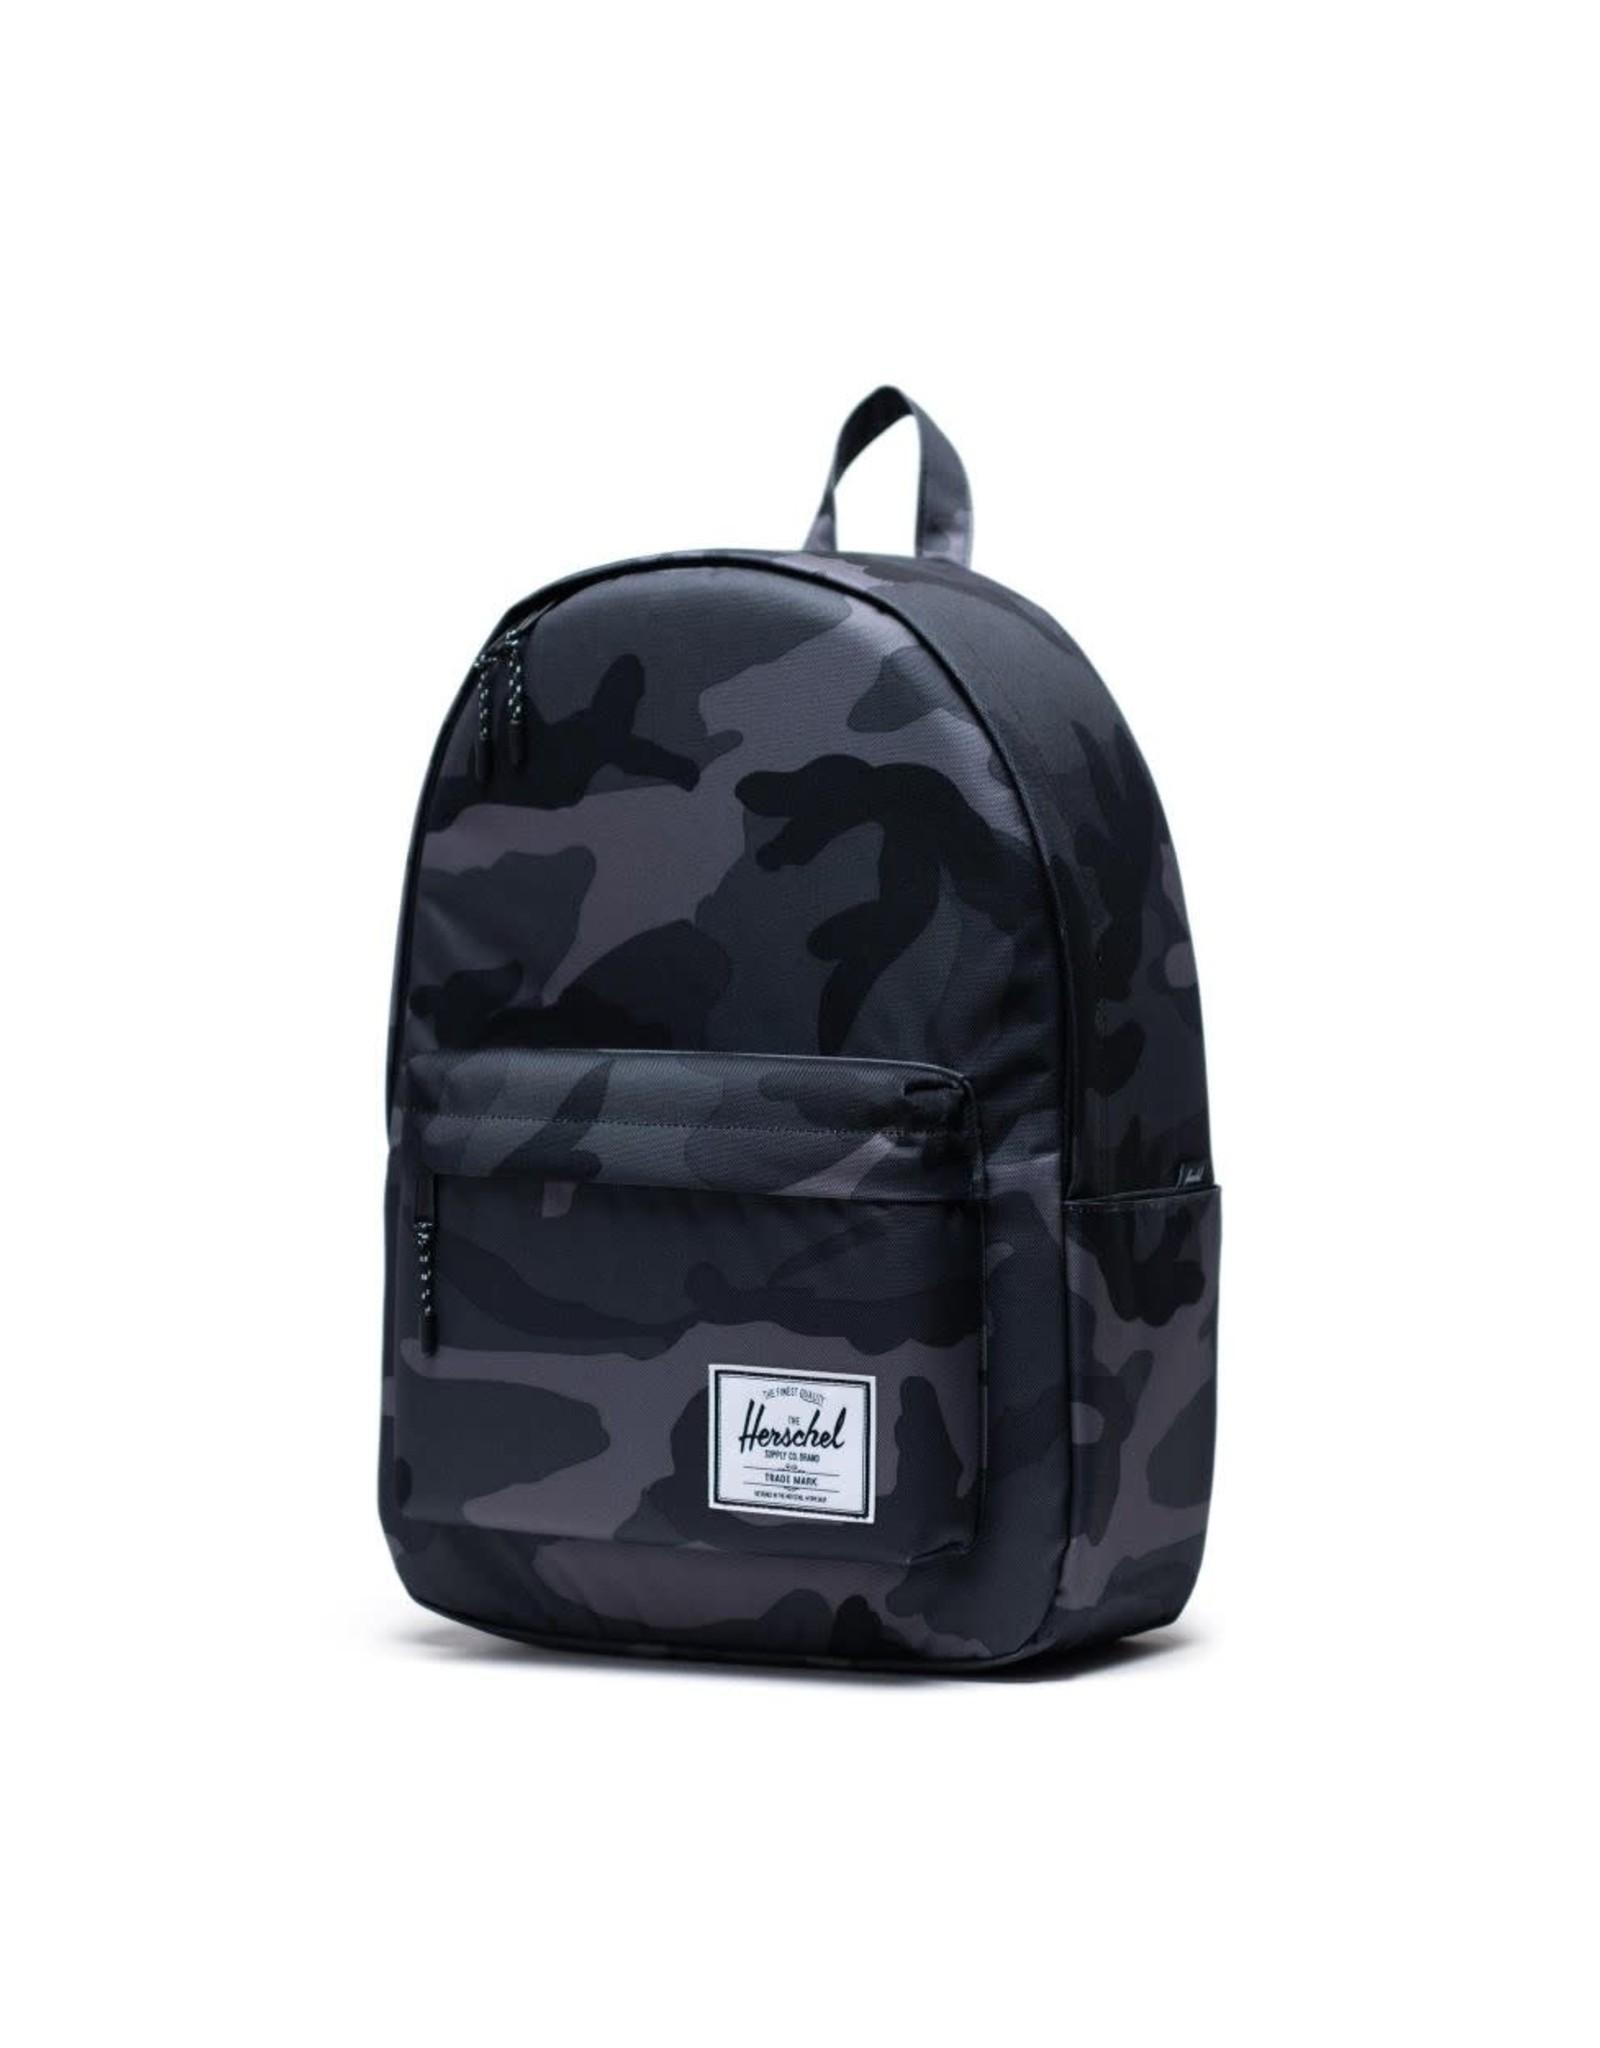 Herschel Herschel Classic XL Backpack Night Camo